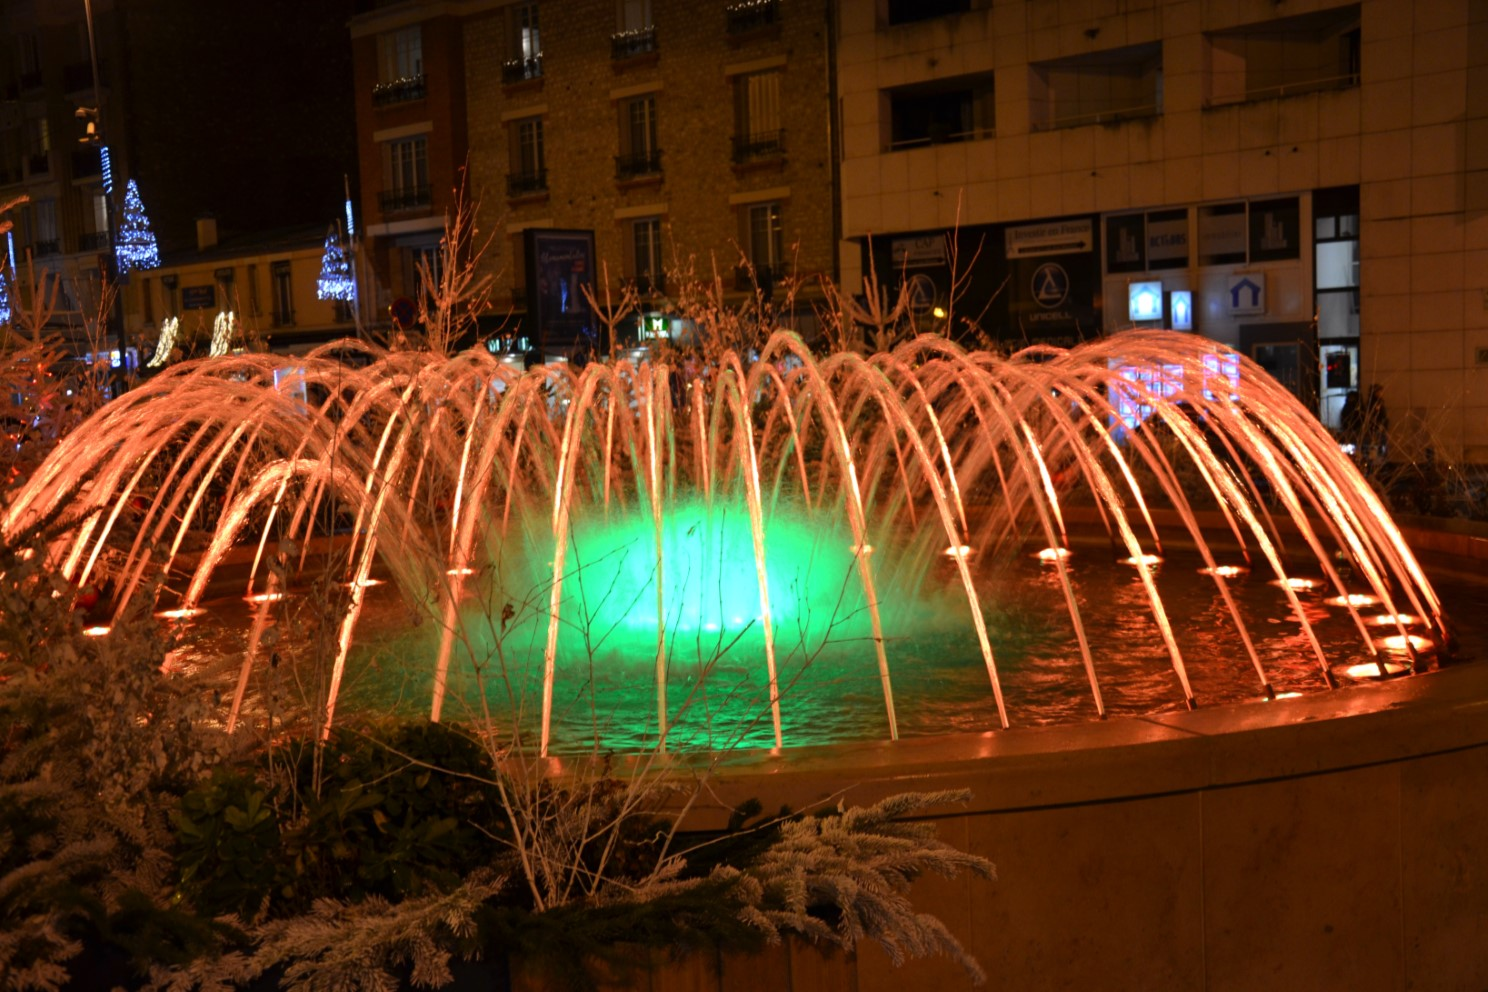 Décembre 2018 - Jets d'eau illuminés à Enghien